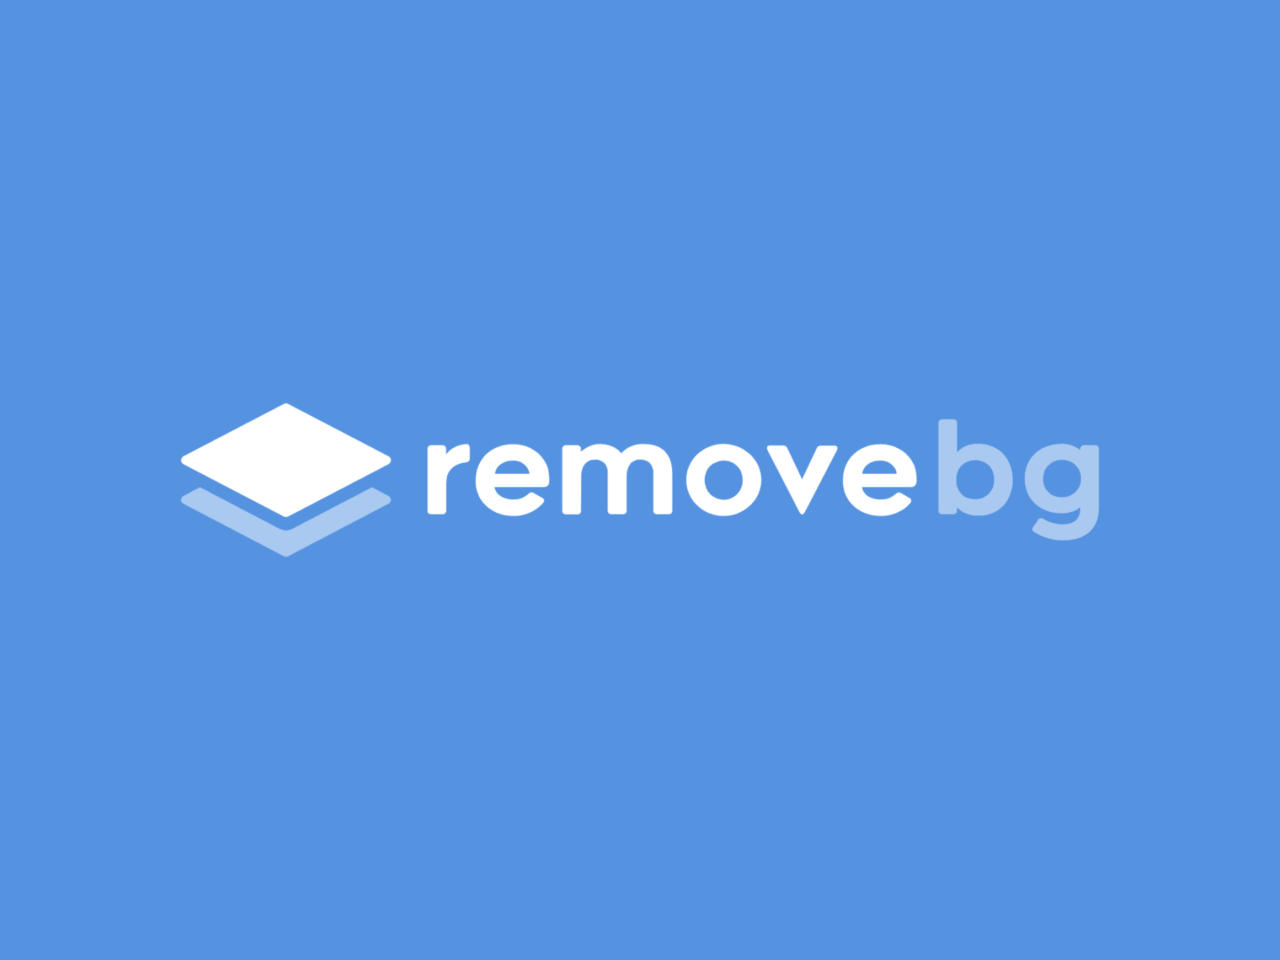 يبدو ان موقع Remove معروف للبعض ممن يبحثون على آليات تساعدهم في حذف خلفيات الصور بطريقة سريعة و ذ Remove Background From Image How To Remove Tech Company Logos